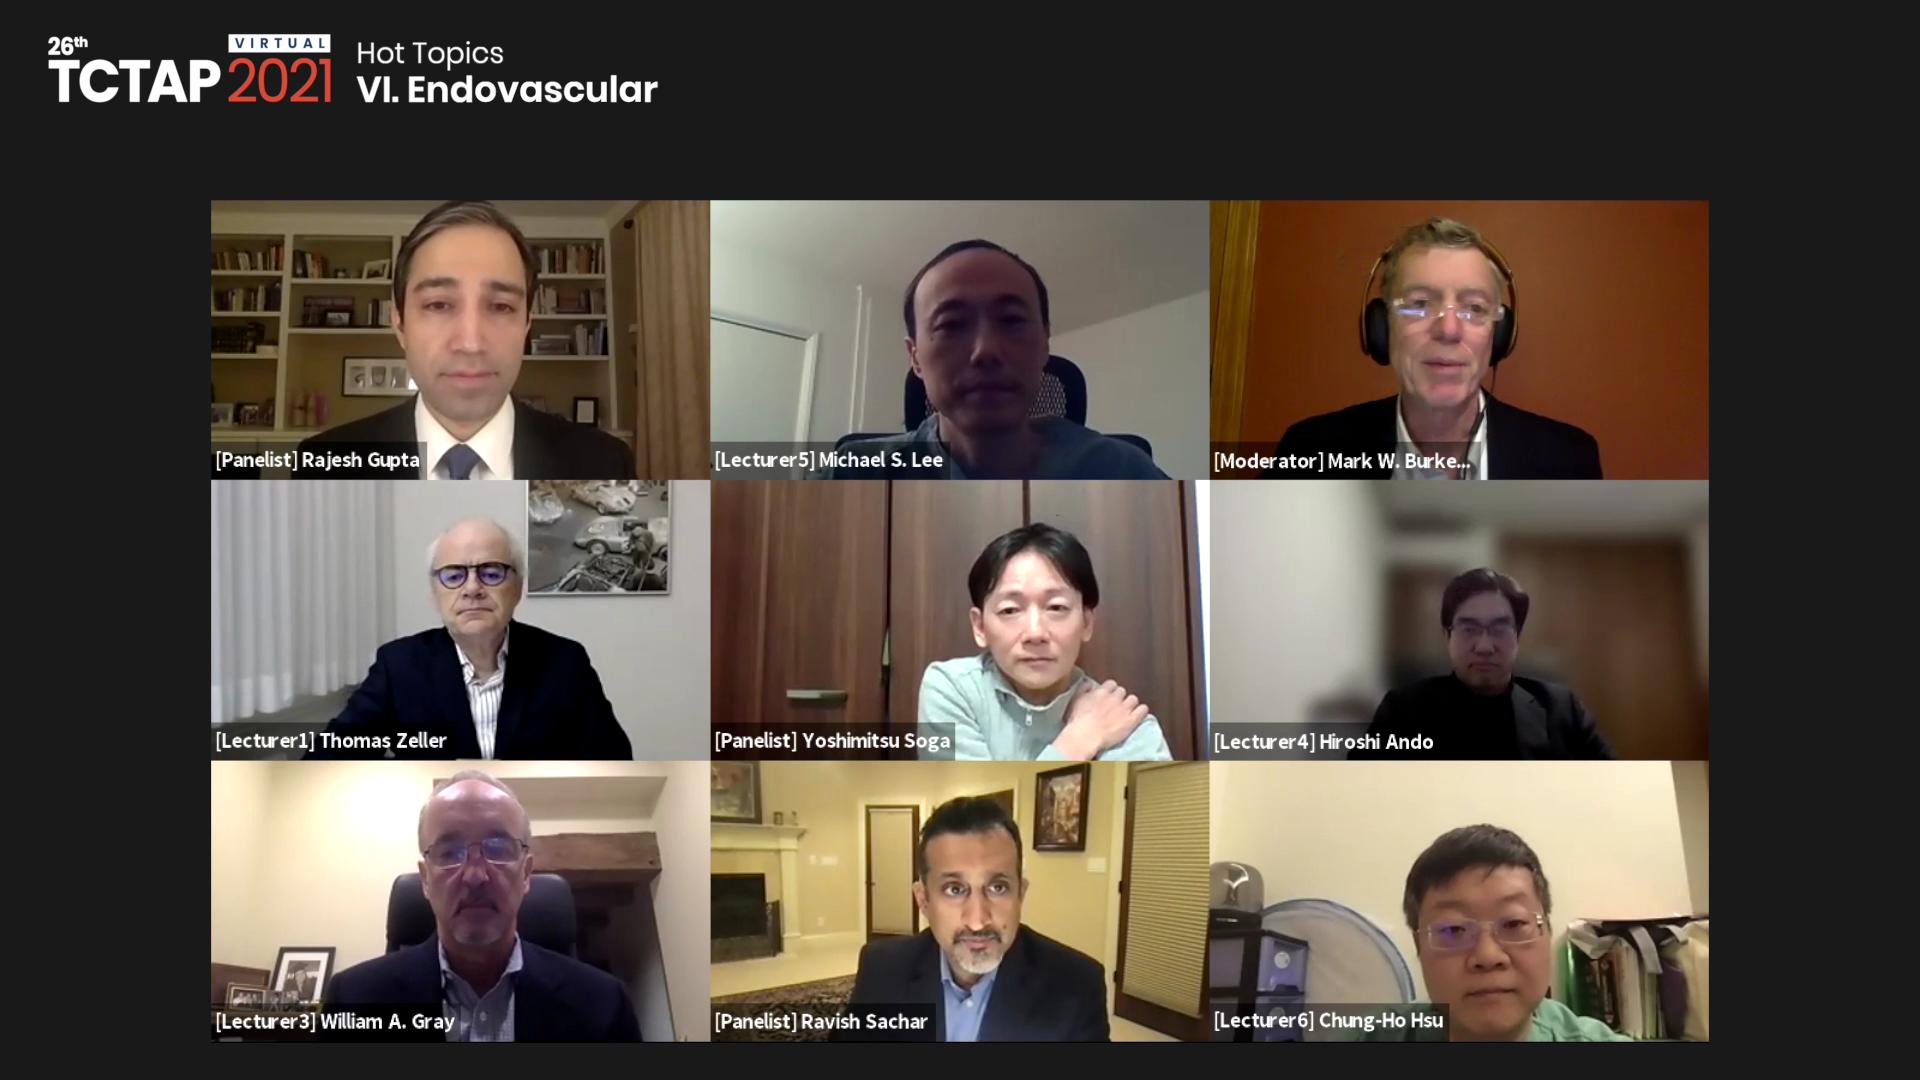 [TCTAP 2021 Virtual] Hot Topics - VI. Endovascular